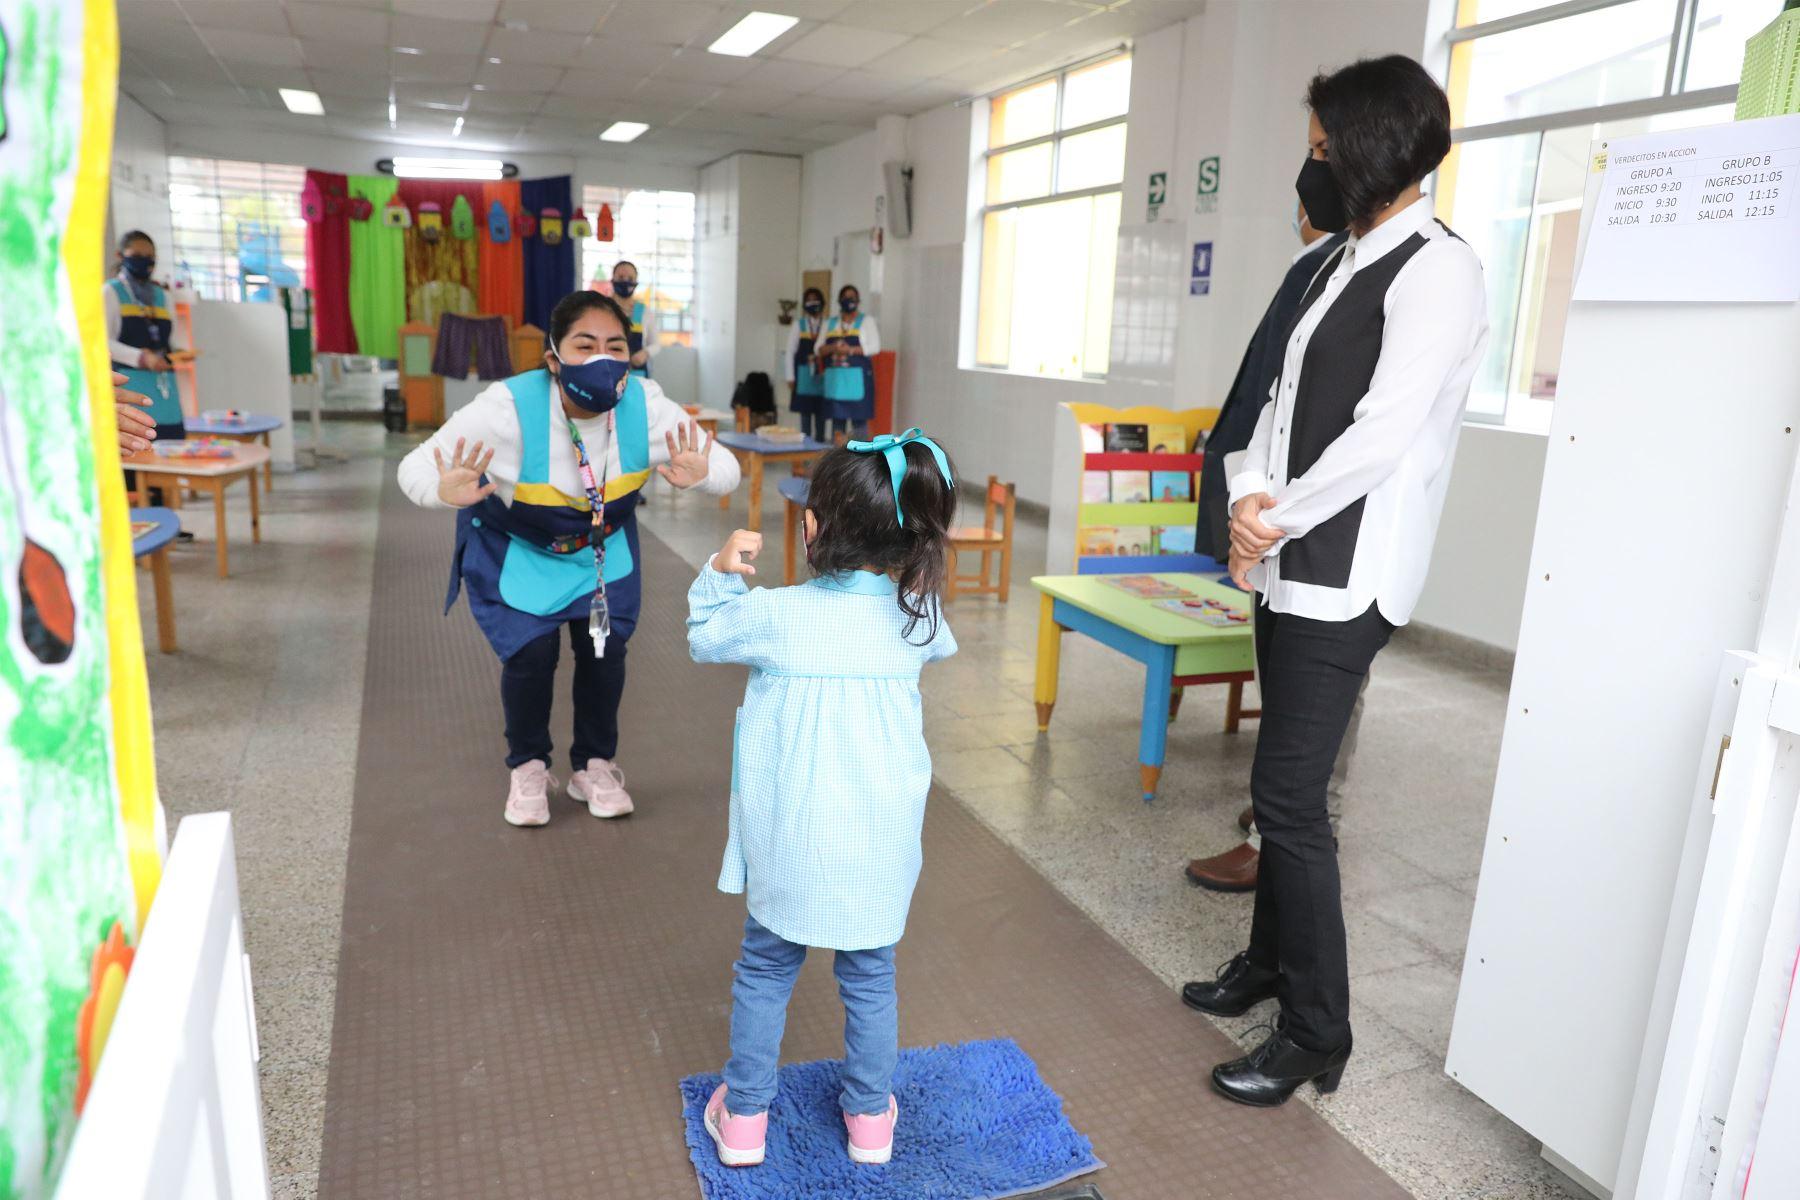 Ministro de Educación, Juan Cadillo, supervisa la jornada semipresencial de clases de la IEI 42 Elizabeth Espejo de Marroquín,   colegio  ubicado en el distrito de Miraflores. Foto: ANDINA/ Andrés Valle